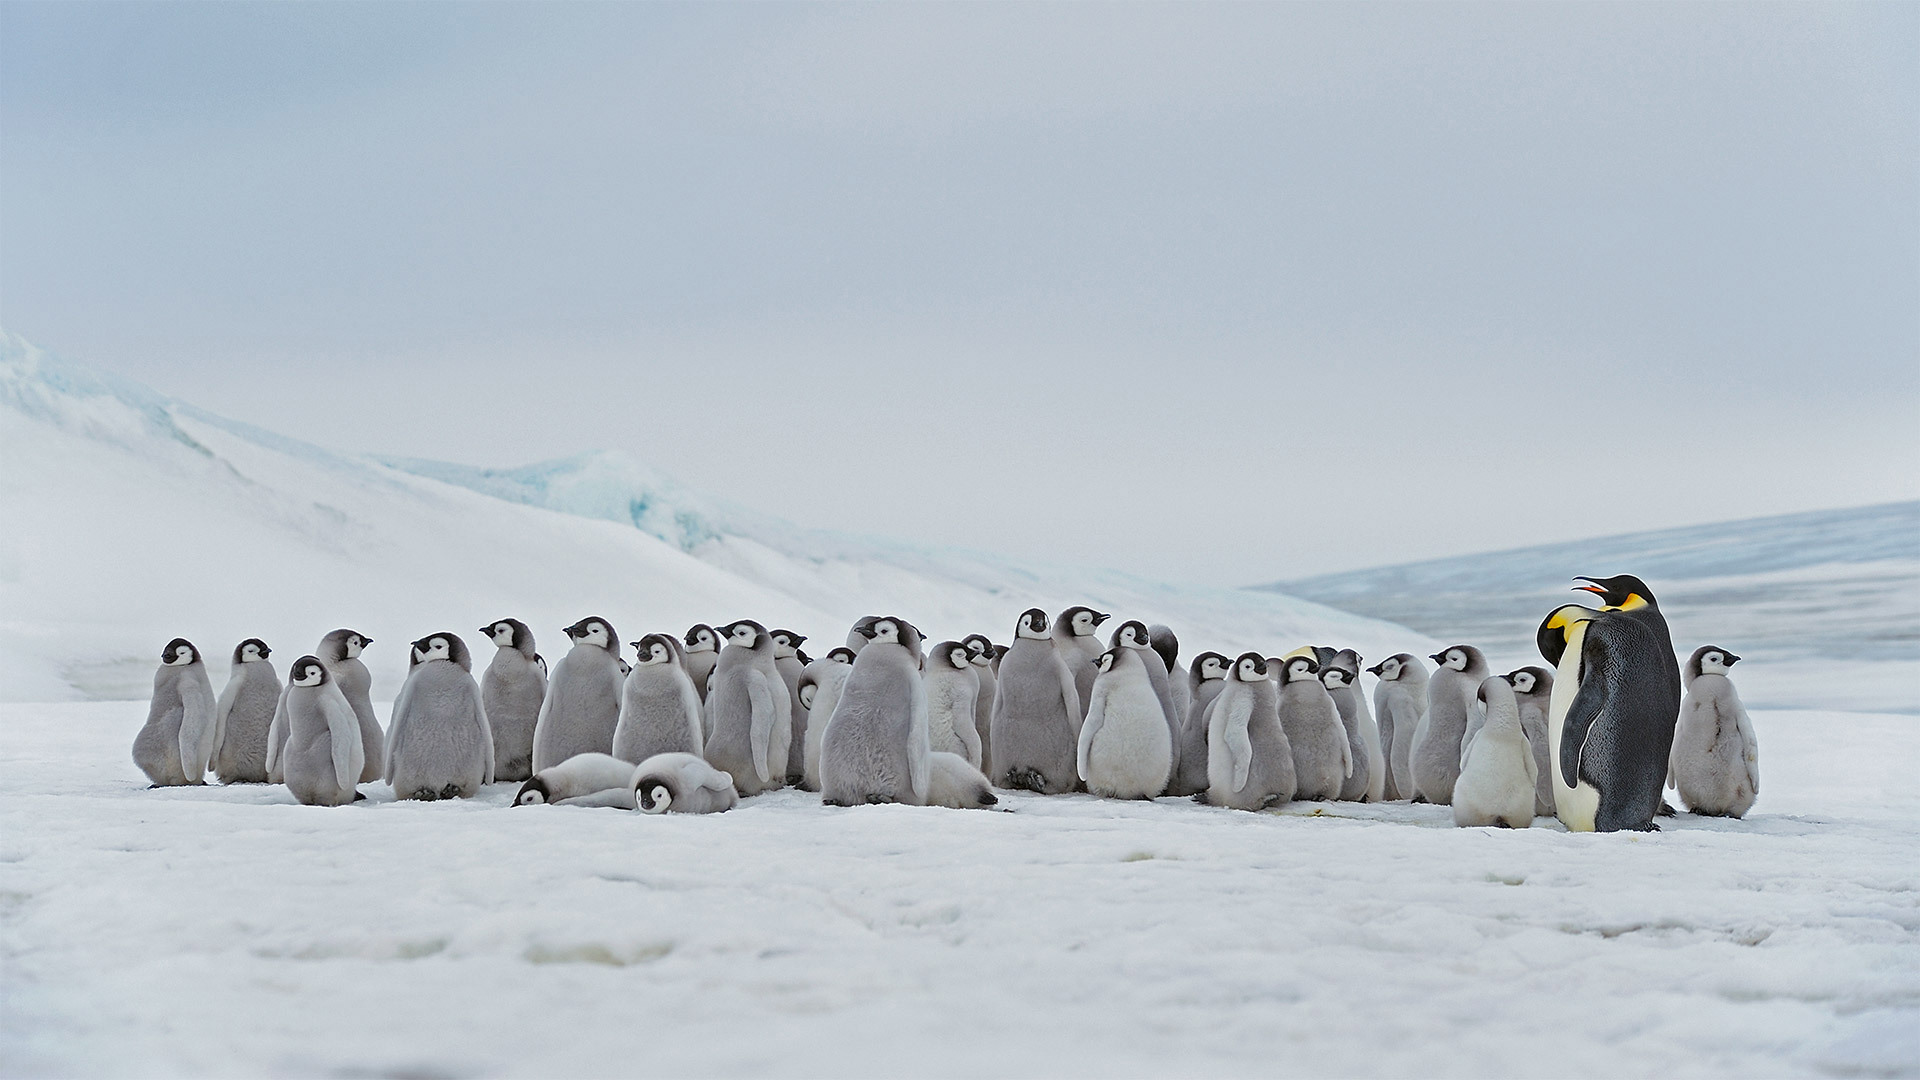 栖息在斯诺希尔岛的成年帝企鹅和幼崽斯诺希尔岛